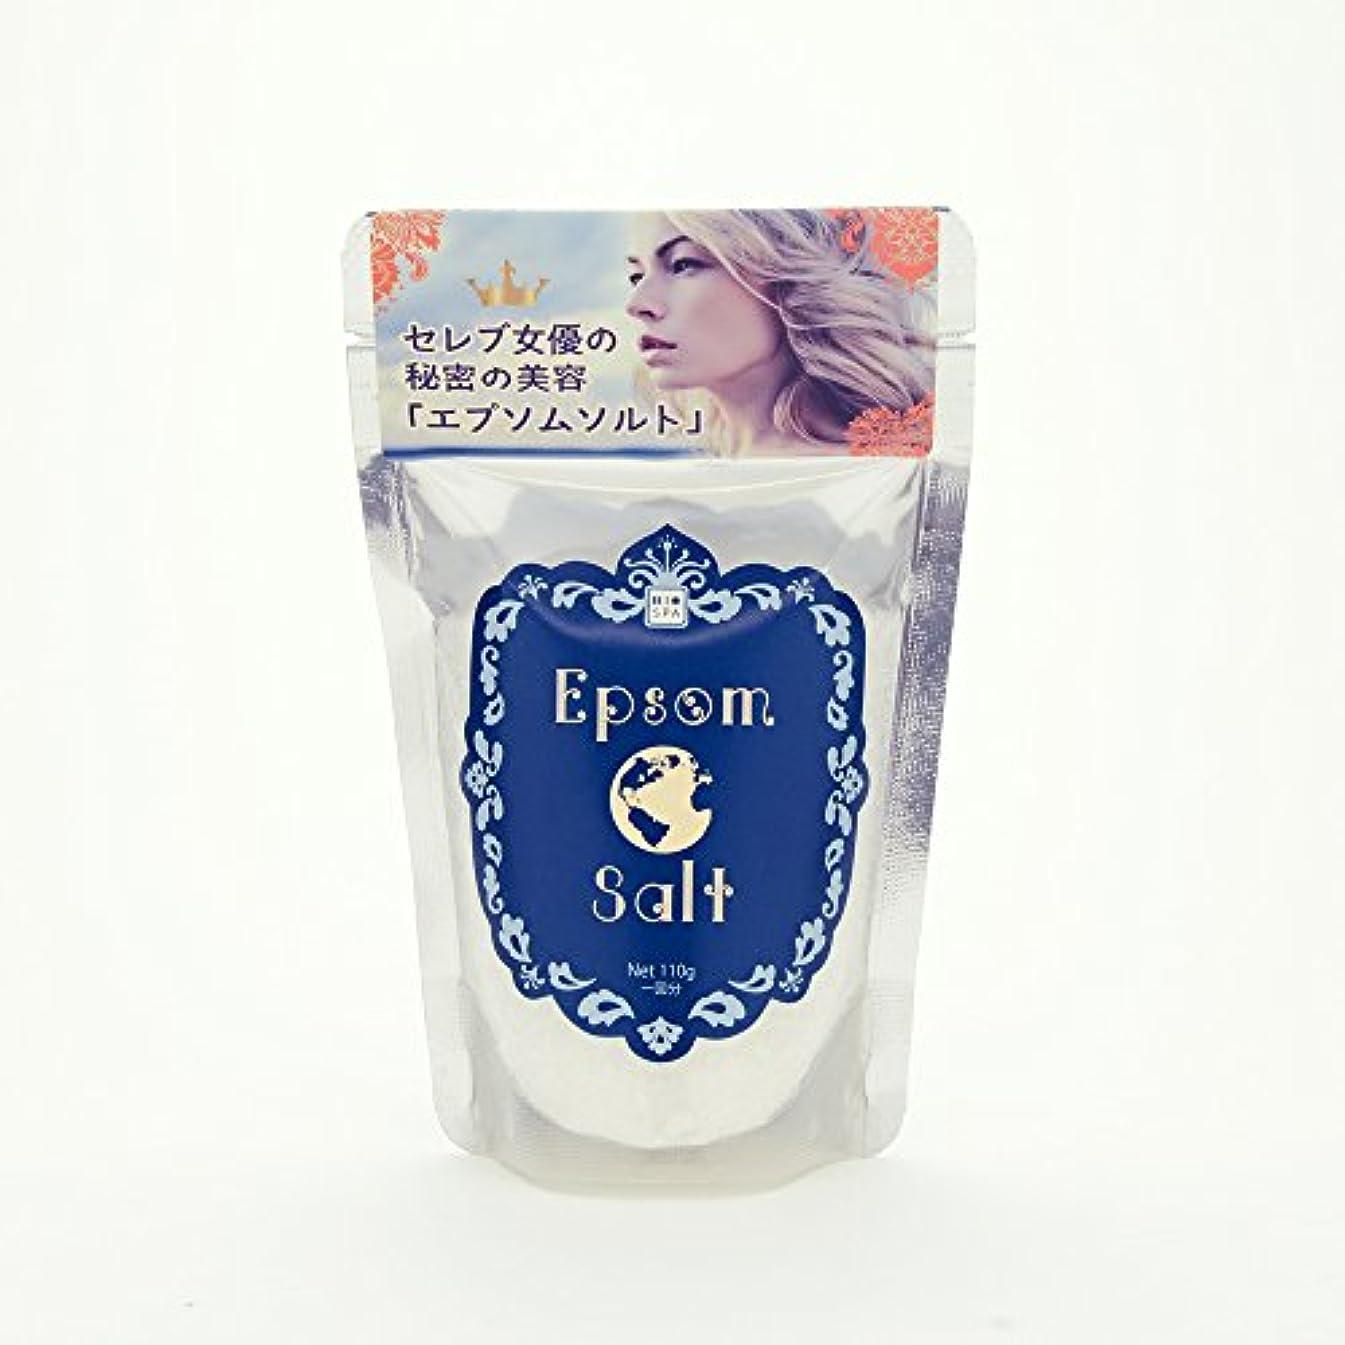 損なう弱点エーカービオスパ エプソムソルト【110g/1回分】(浴用化粧品)